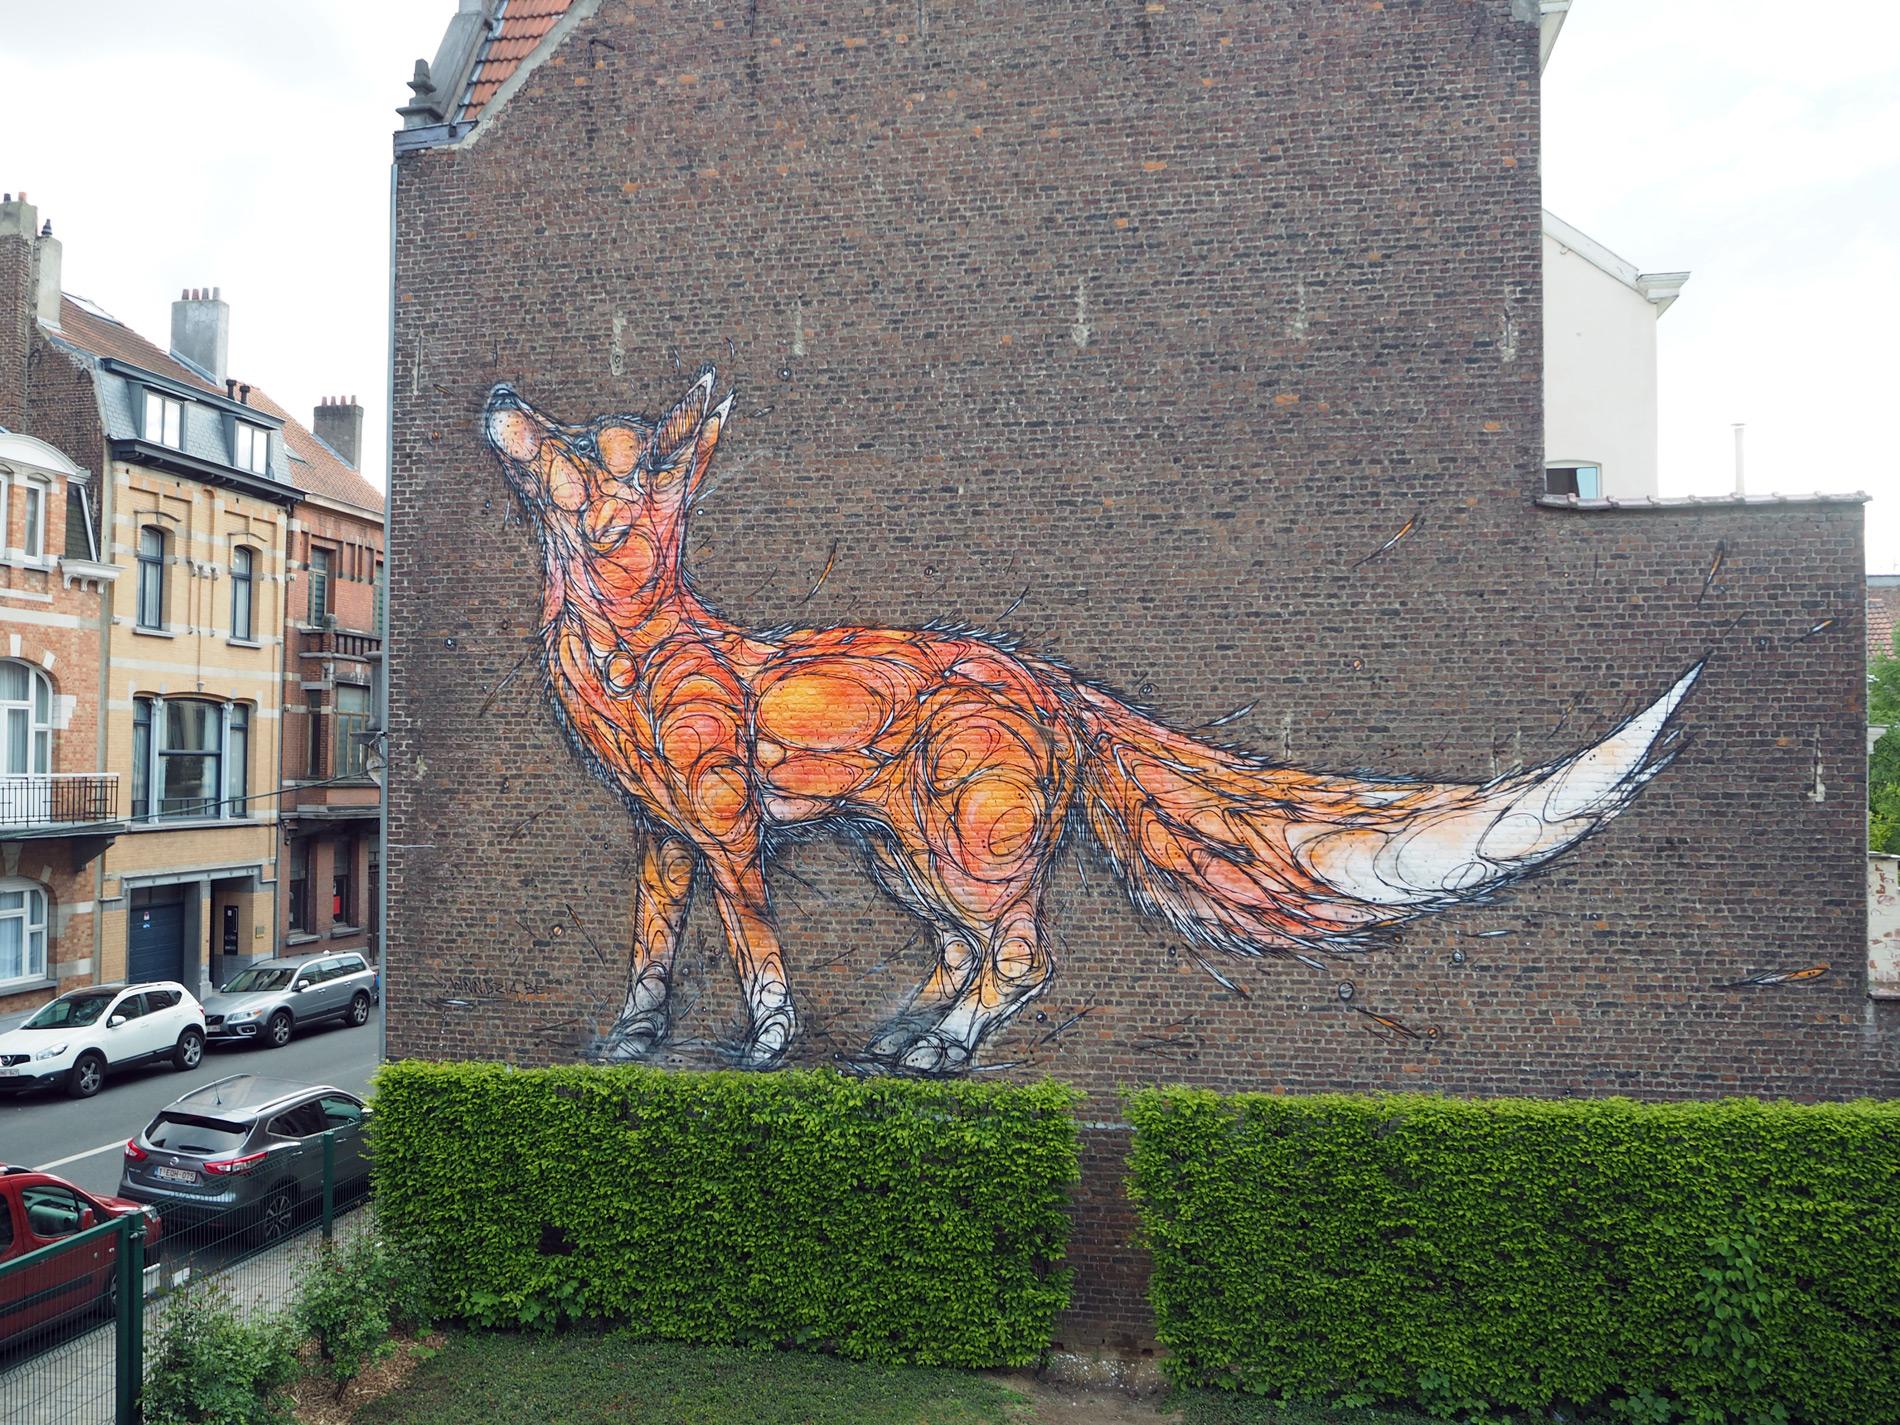 dzia-fox-3.jpg